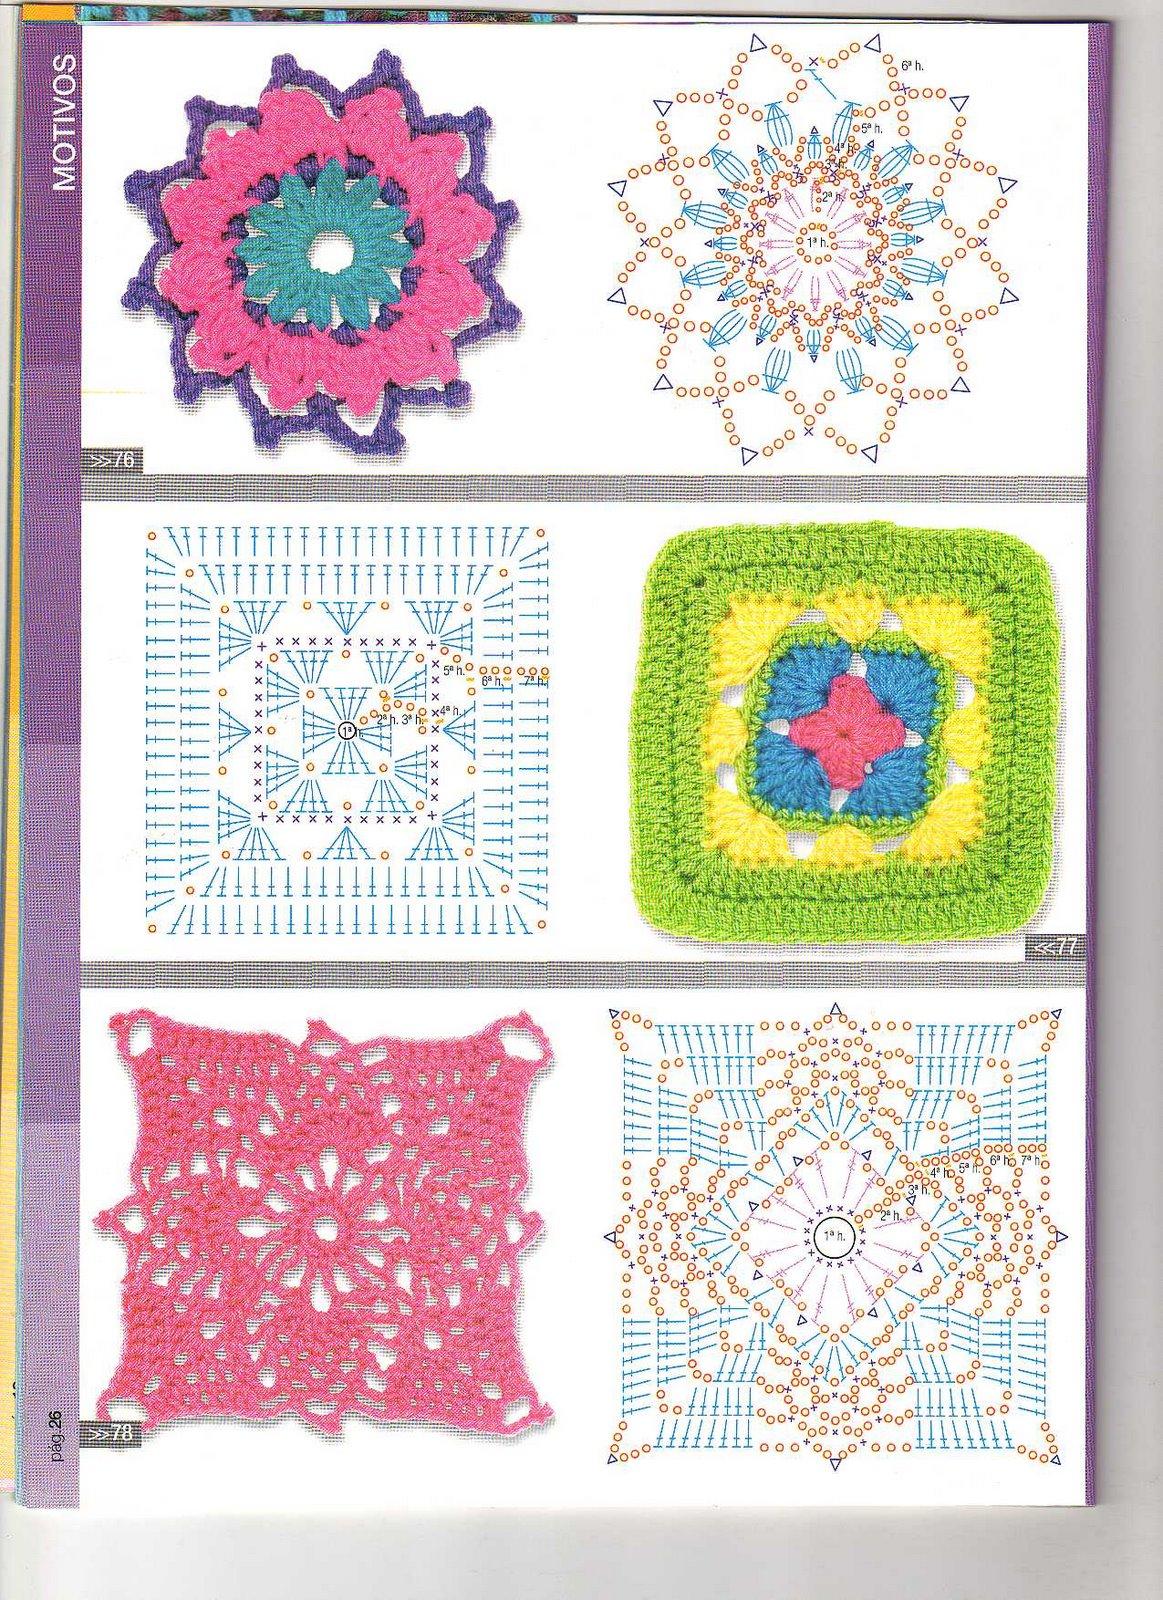 Mantas Ganchillo Patrones. Crochet Patrn Manta. Mantas Ganchillo ...